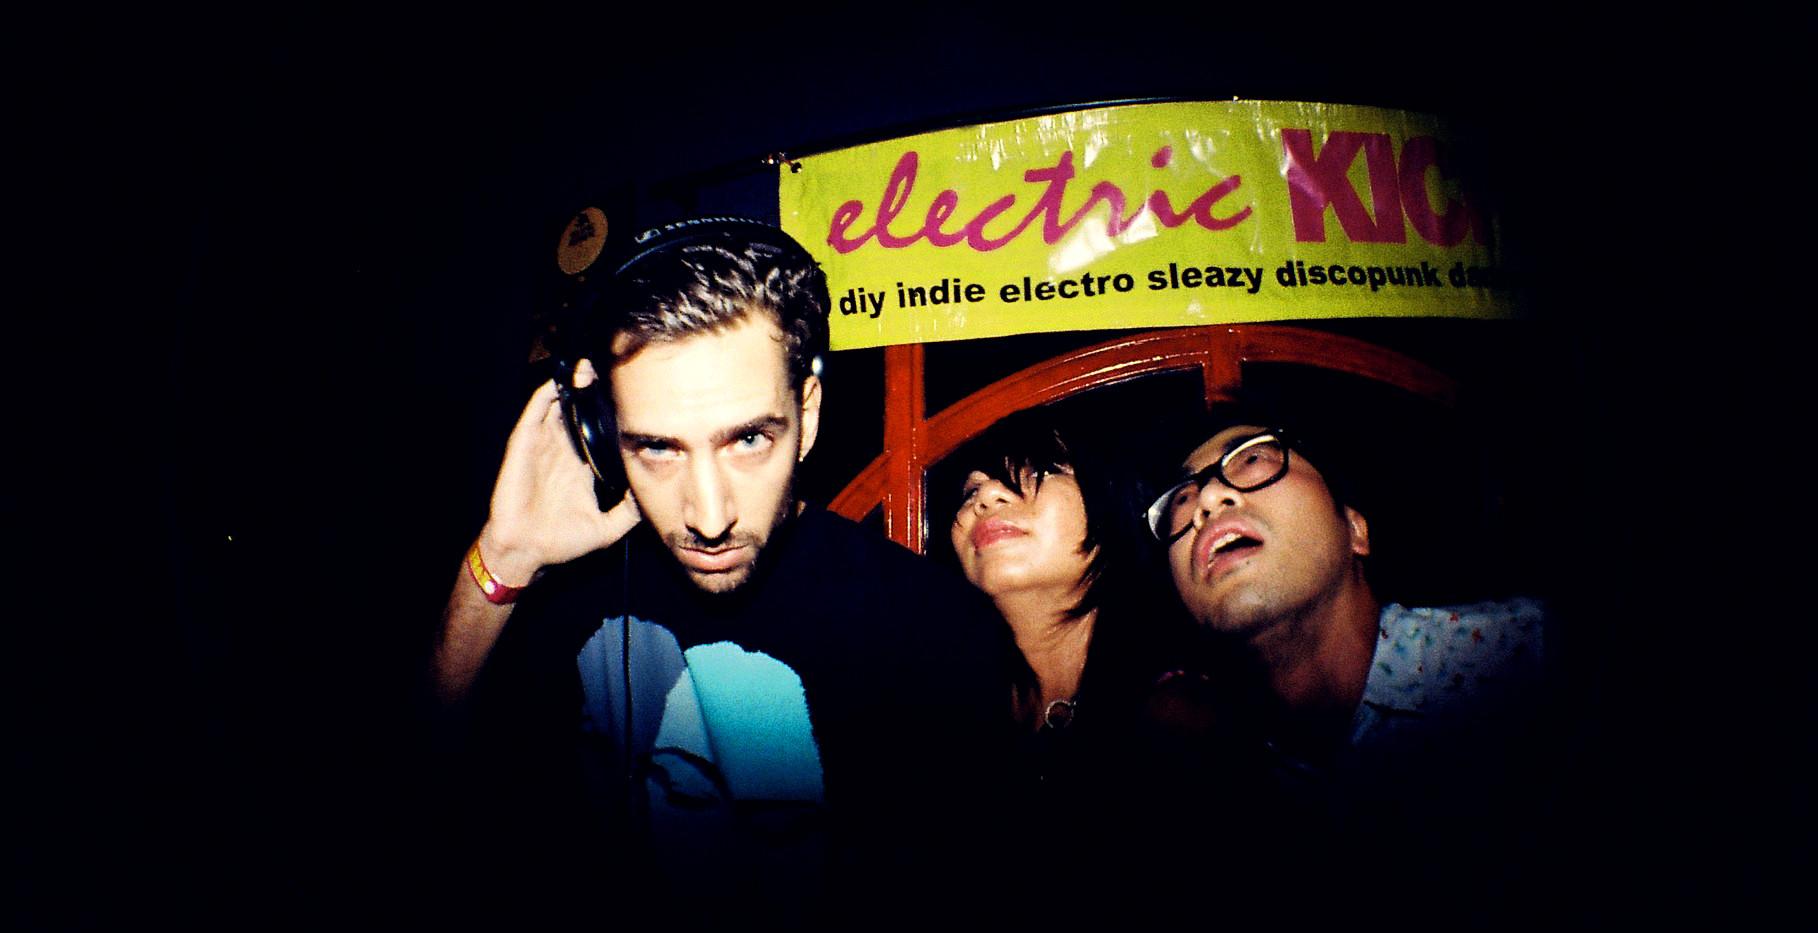 Electric_Kicks_20130518_039.jpg